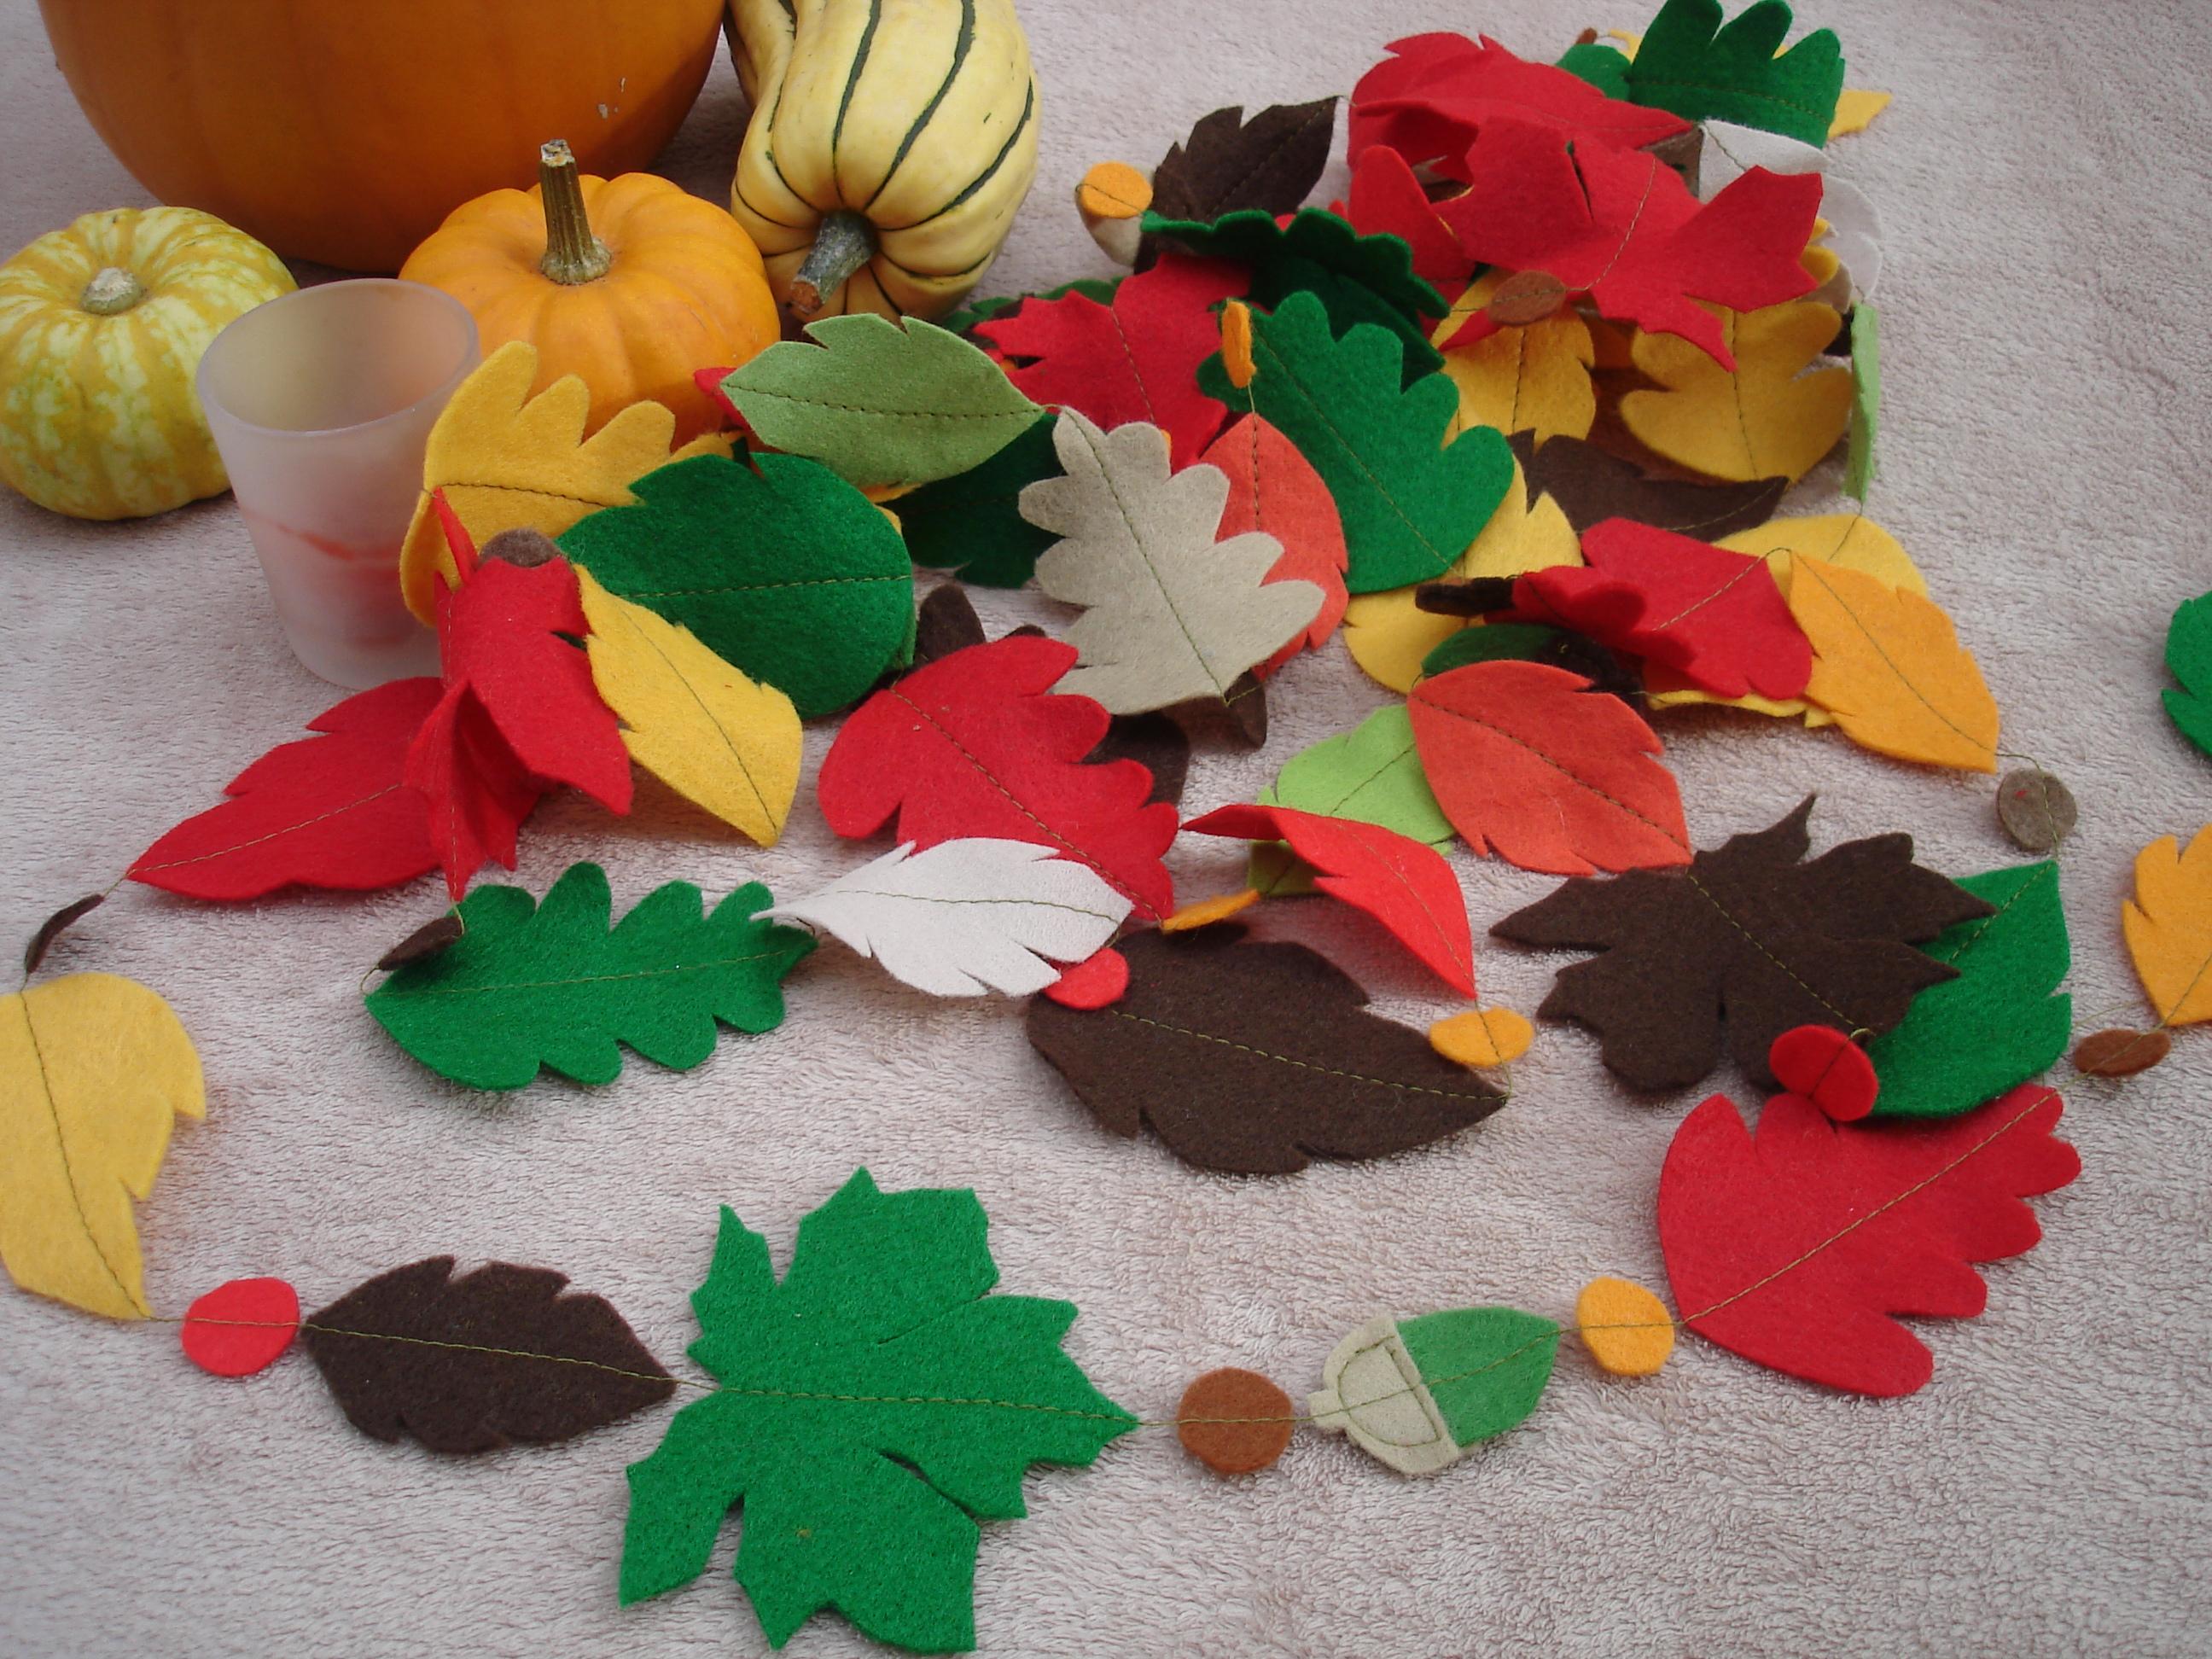 Autumn Fall Felt Leaf Garland Tutorial Sew Dainty